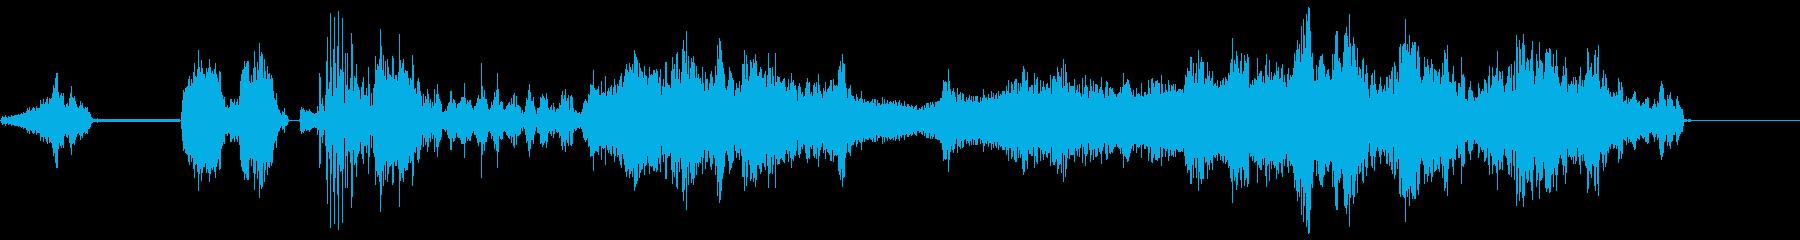 マイクロボットモーフ、ロボット、ド...の再生済みの波形